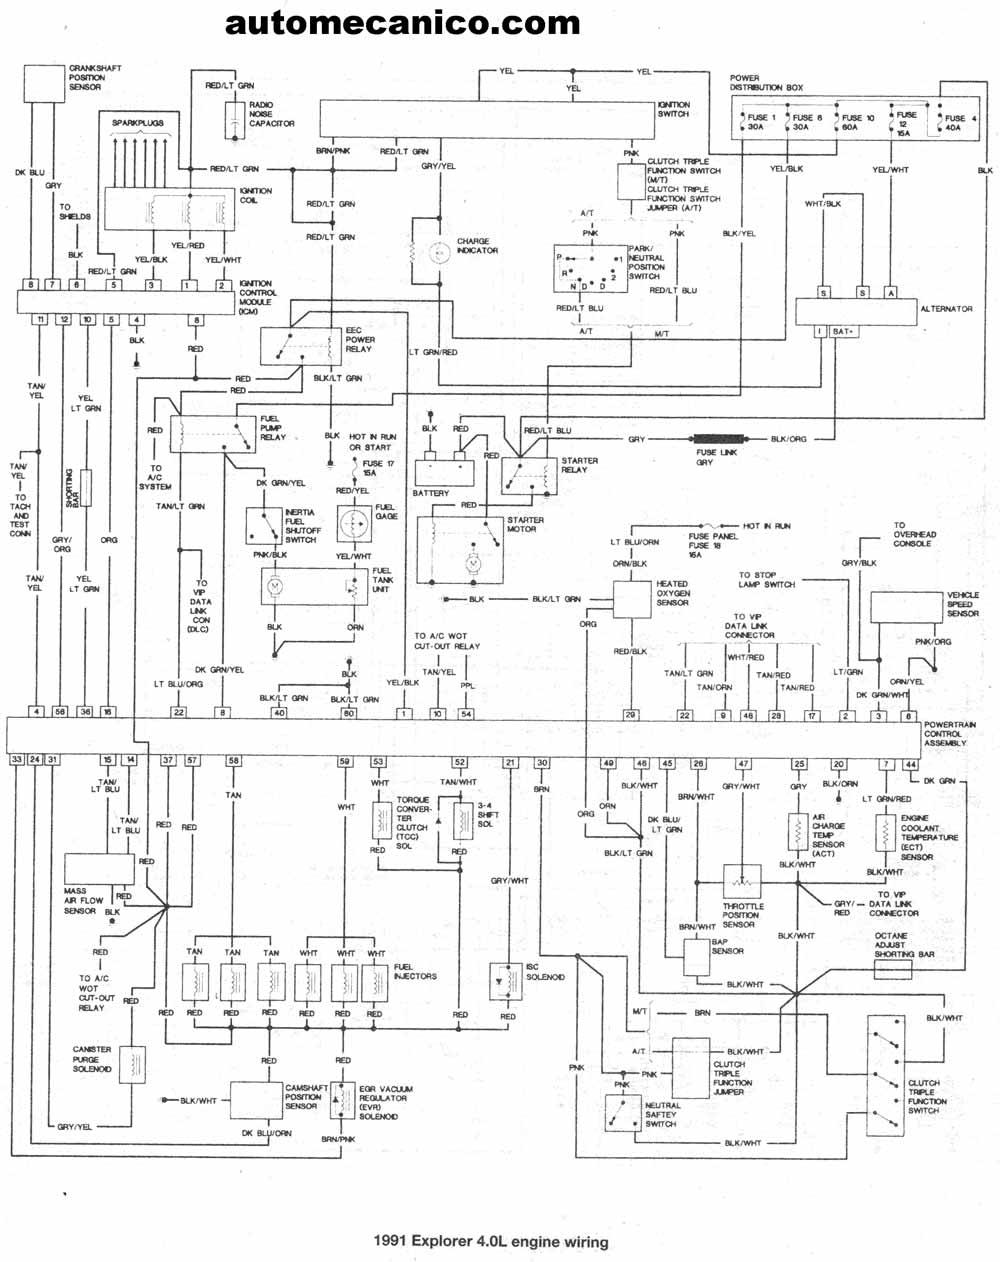 2010 mazda 3 diagrama de cableado